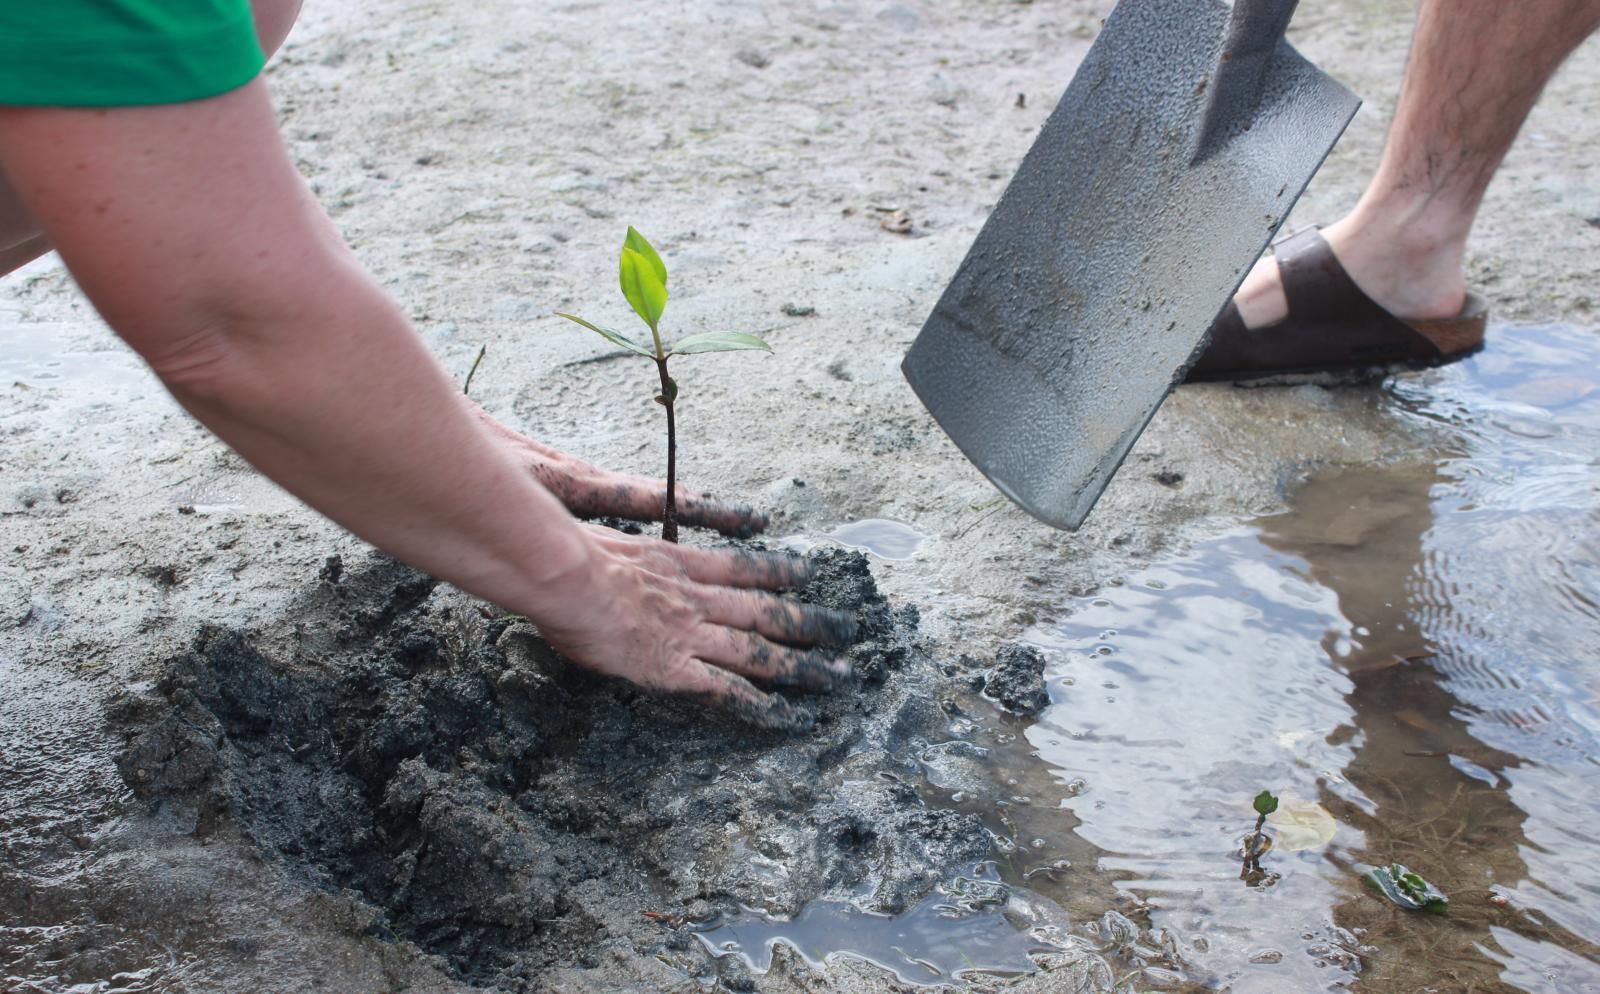 Voluntarios ambientales replantando manglares en Fiyi.